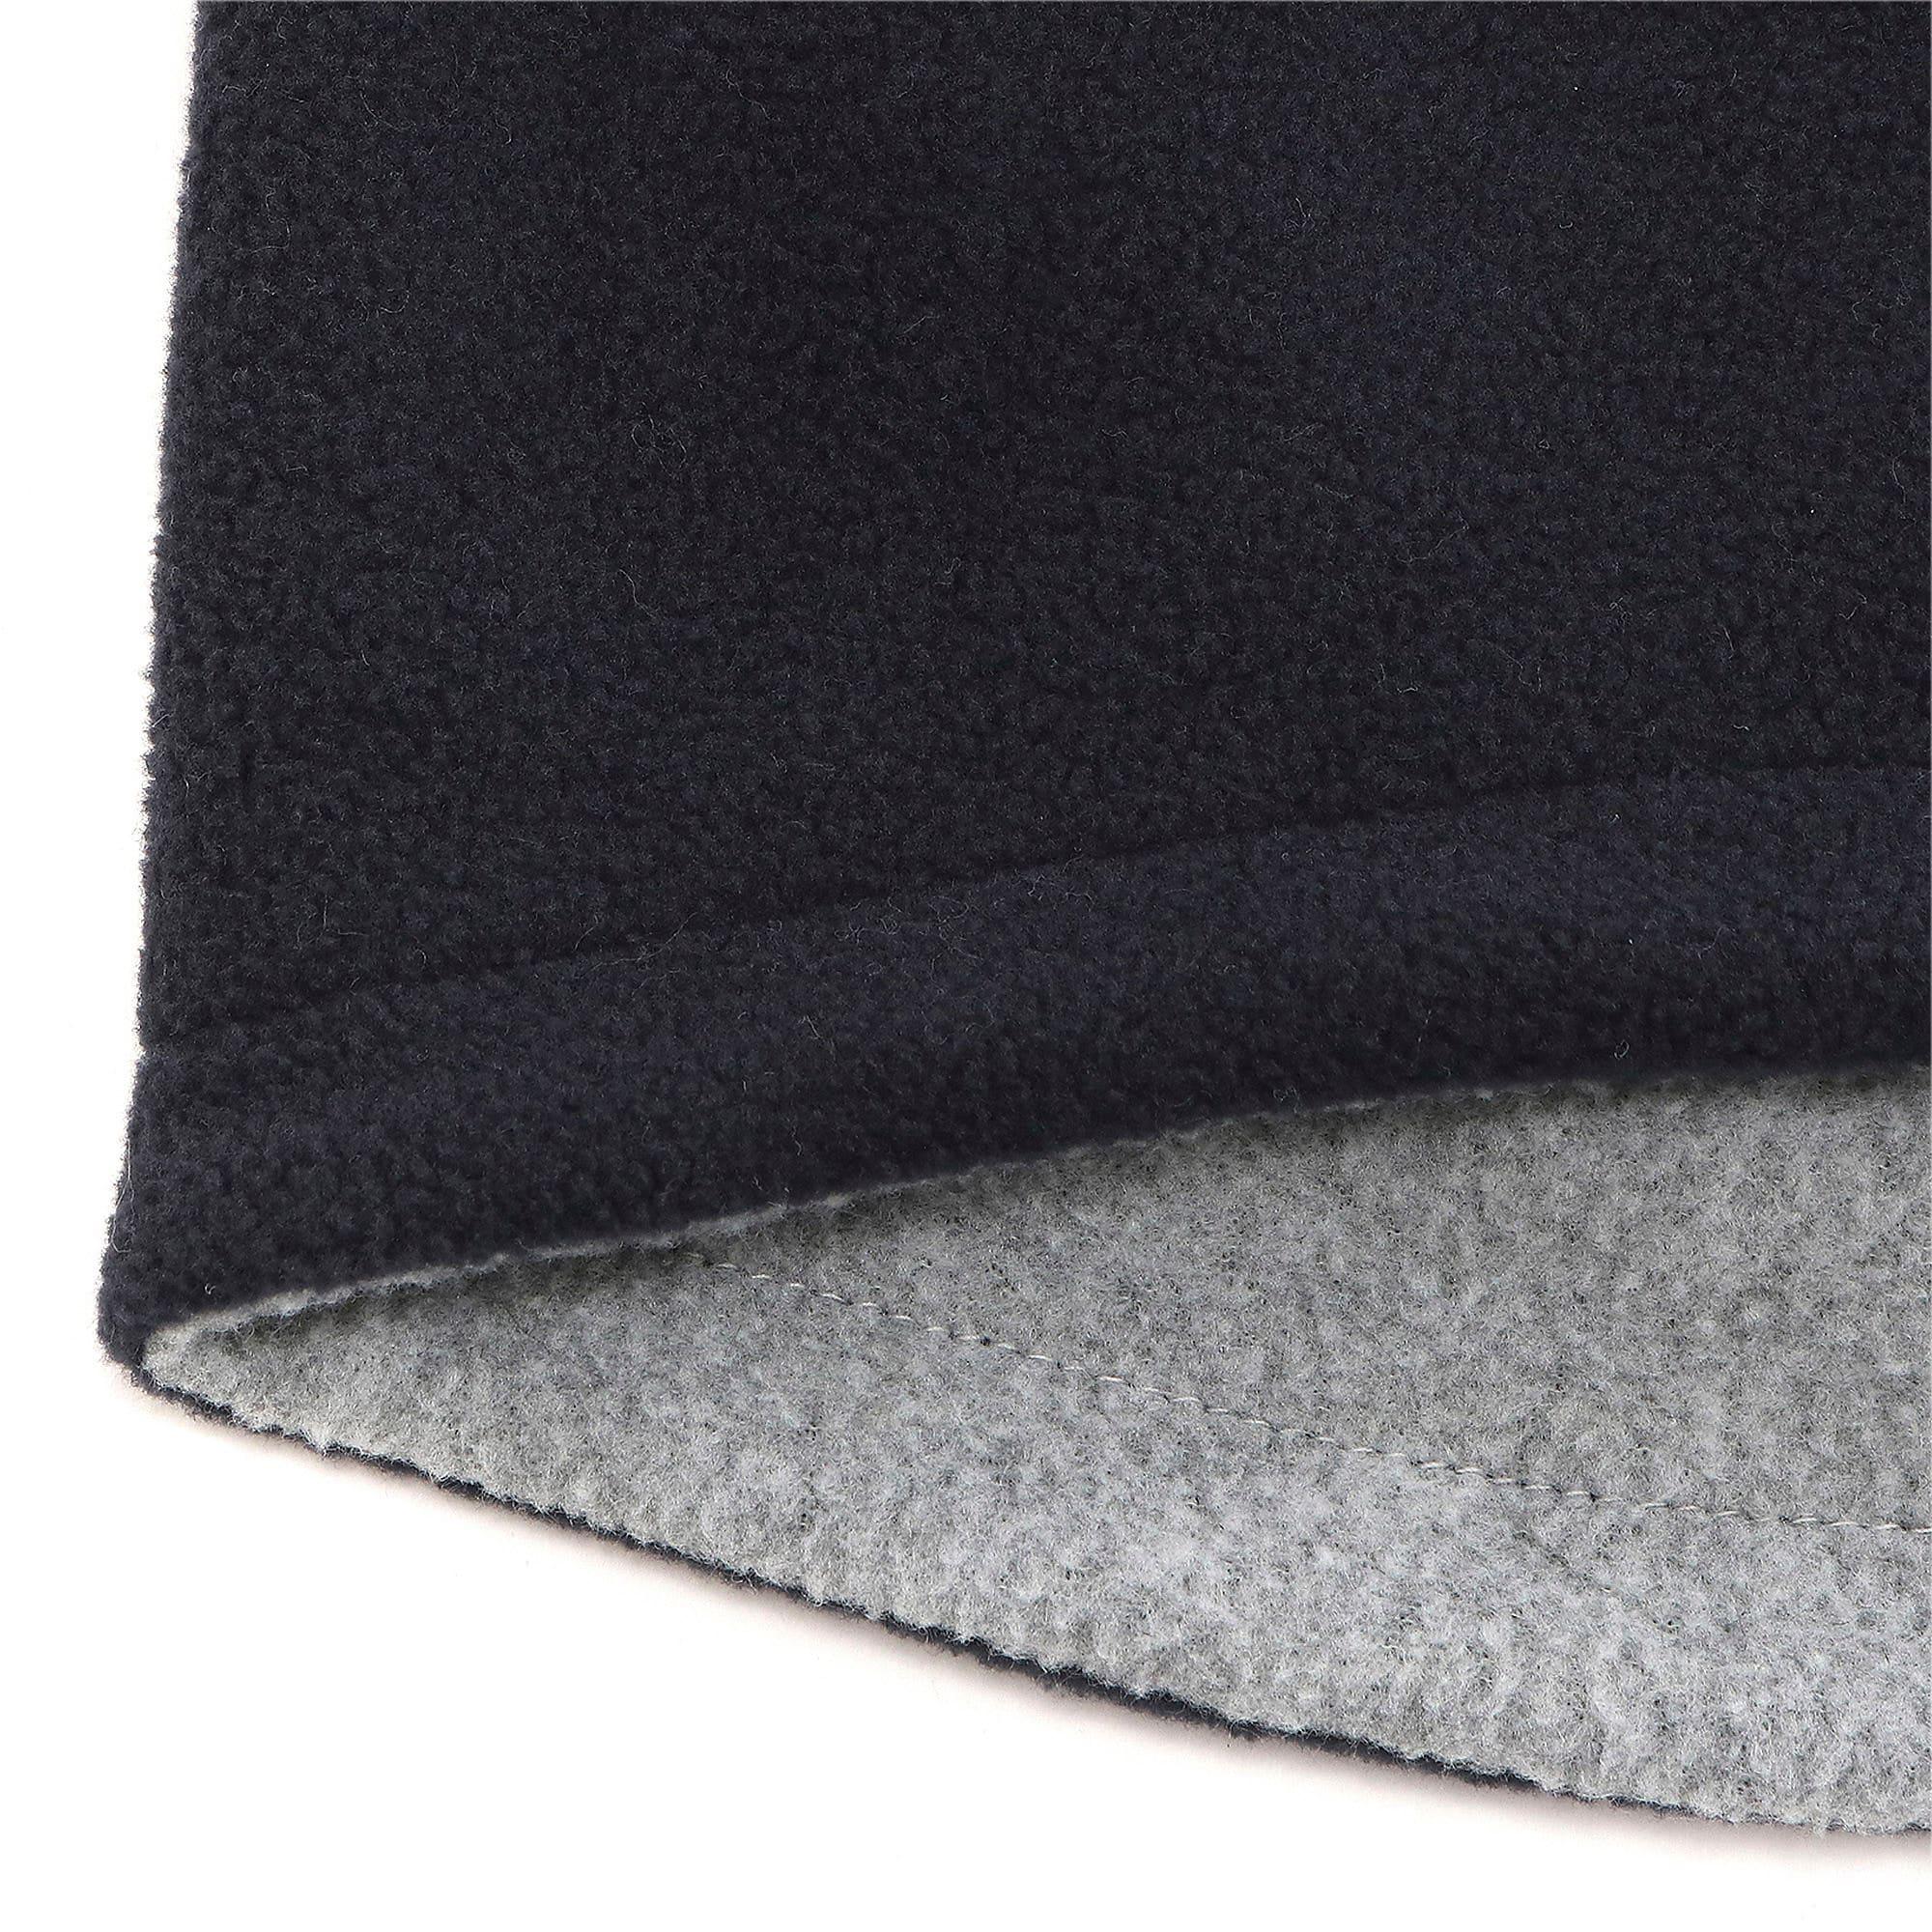 Thumbnail 6 of ゴルフ ウォームセット, Peacoat - Medium Gray Heathe, medium-JPN